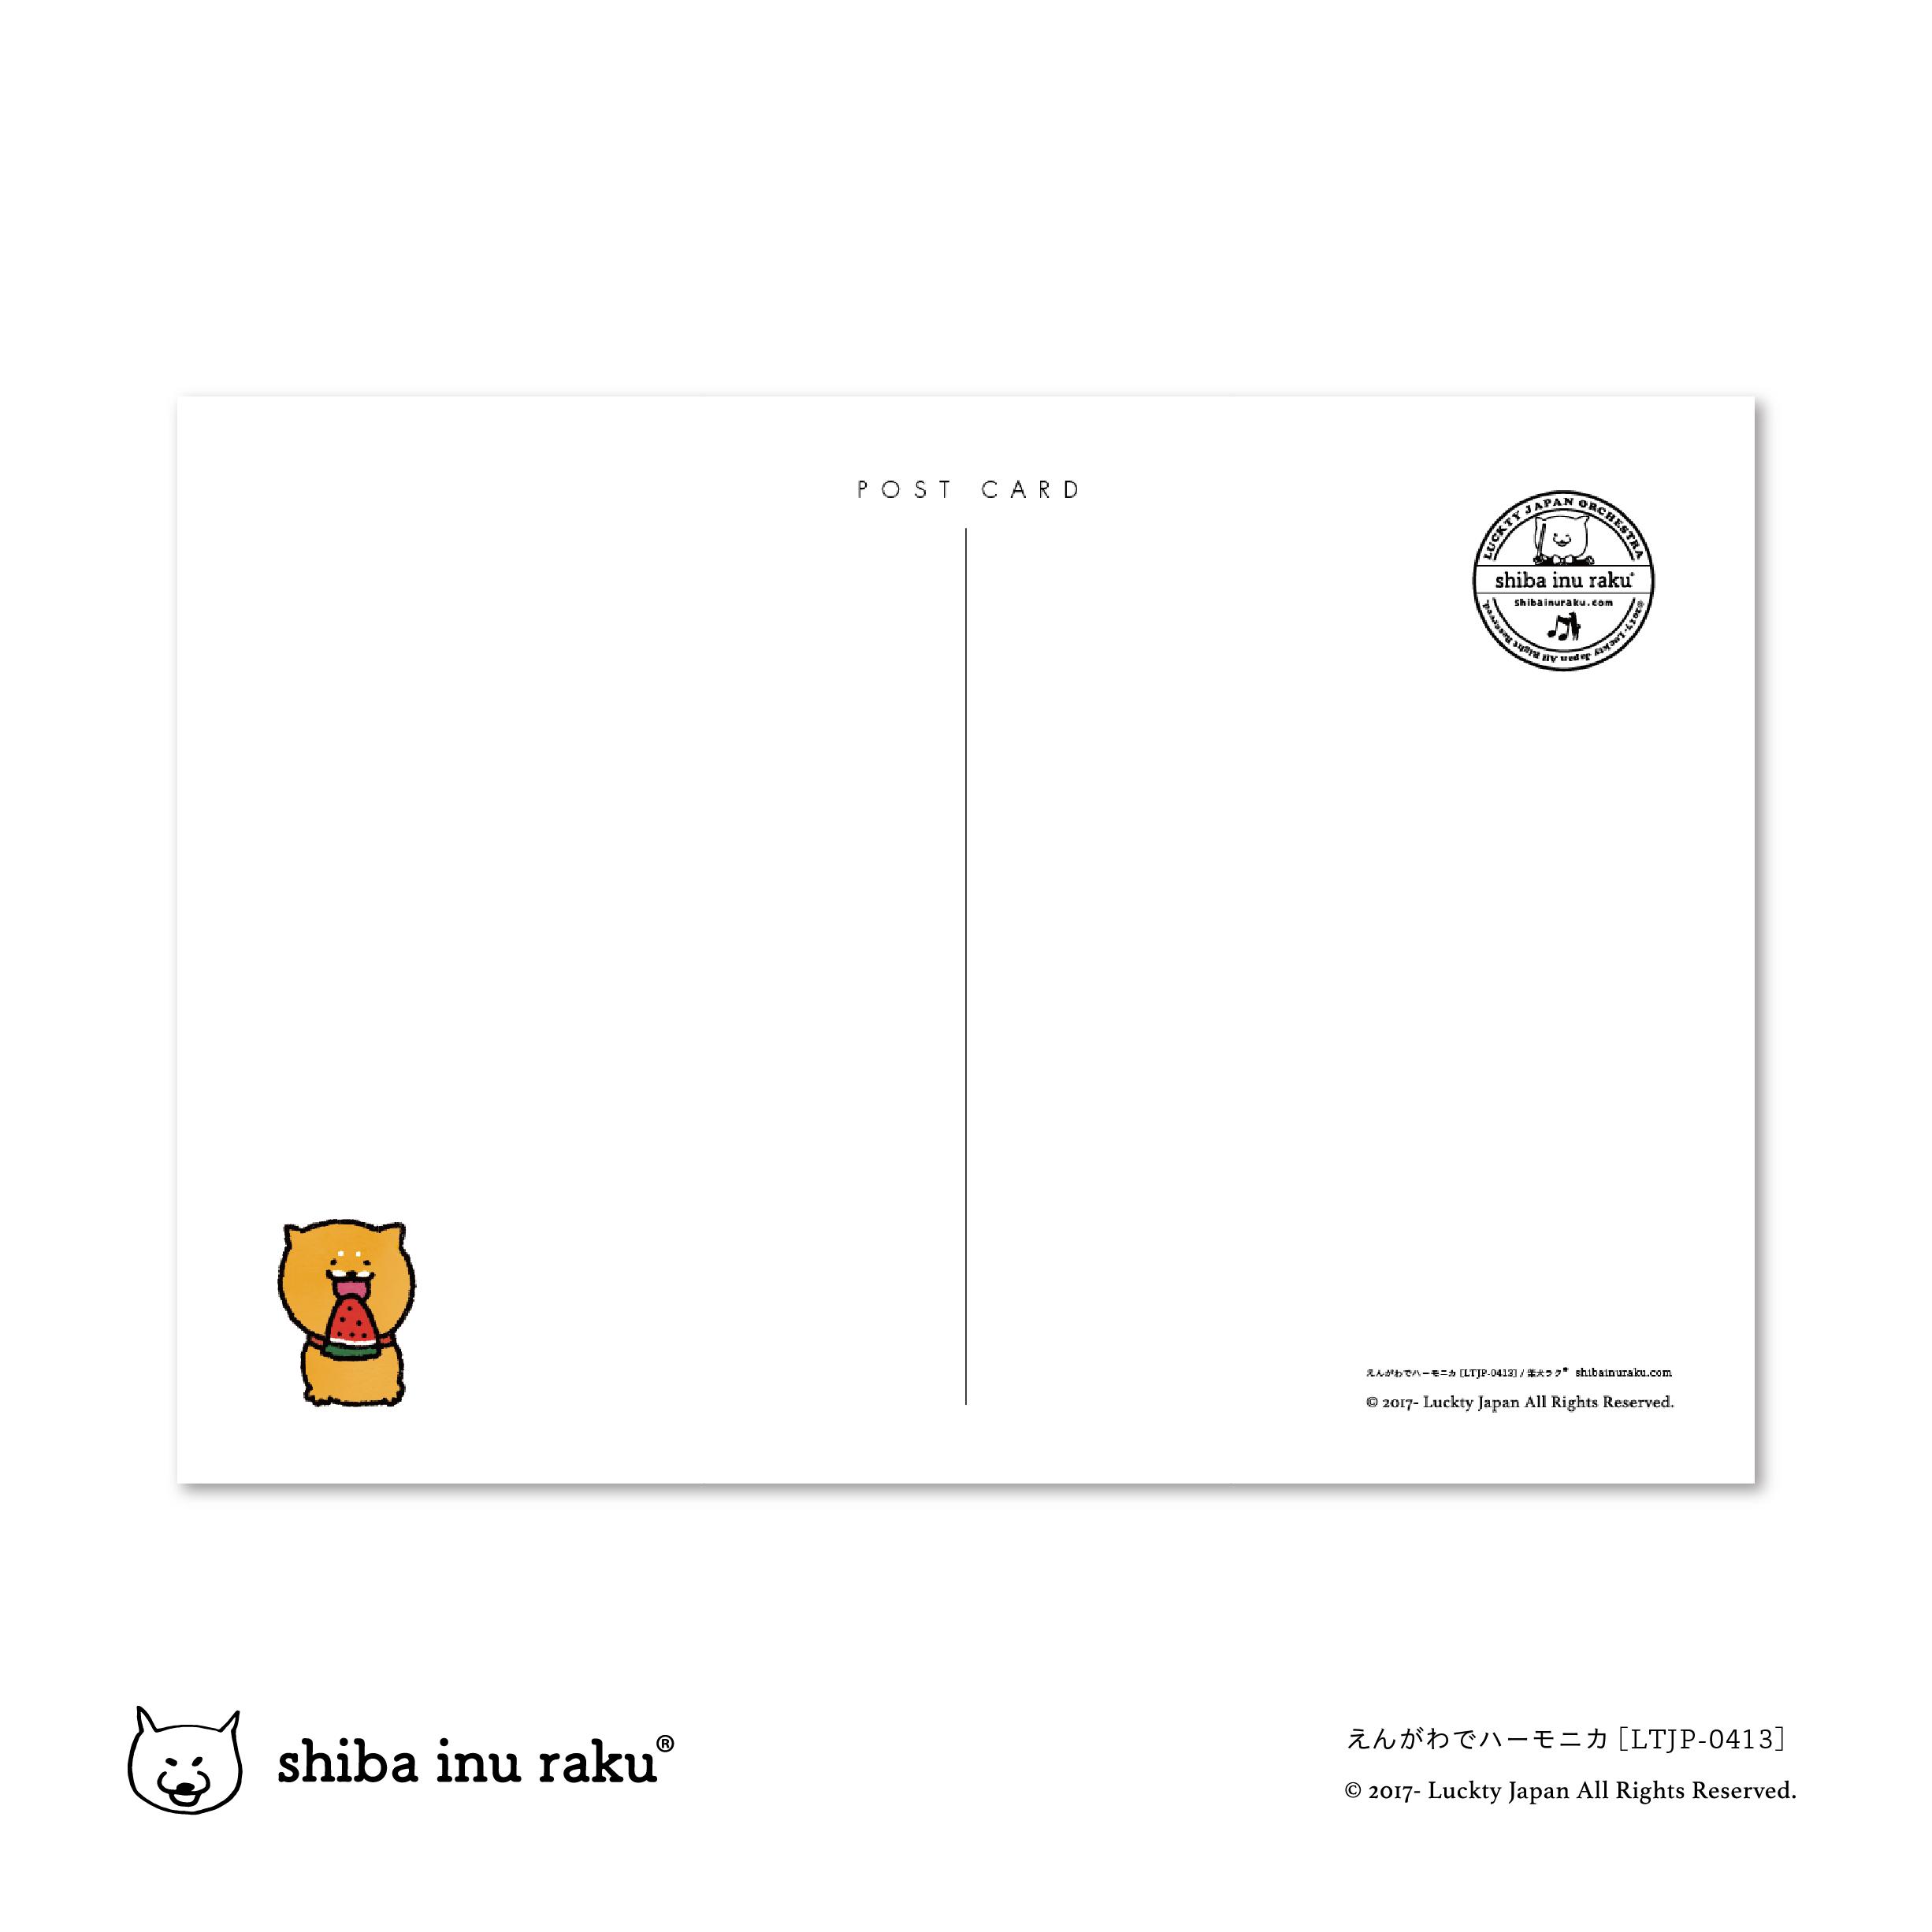 柴犬ラク ポストカード(えんがわでハーモニカ)LTJP-0413